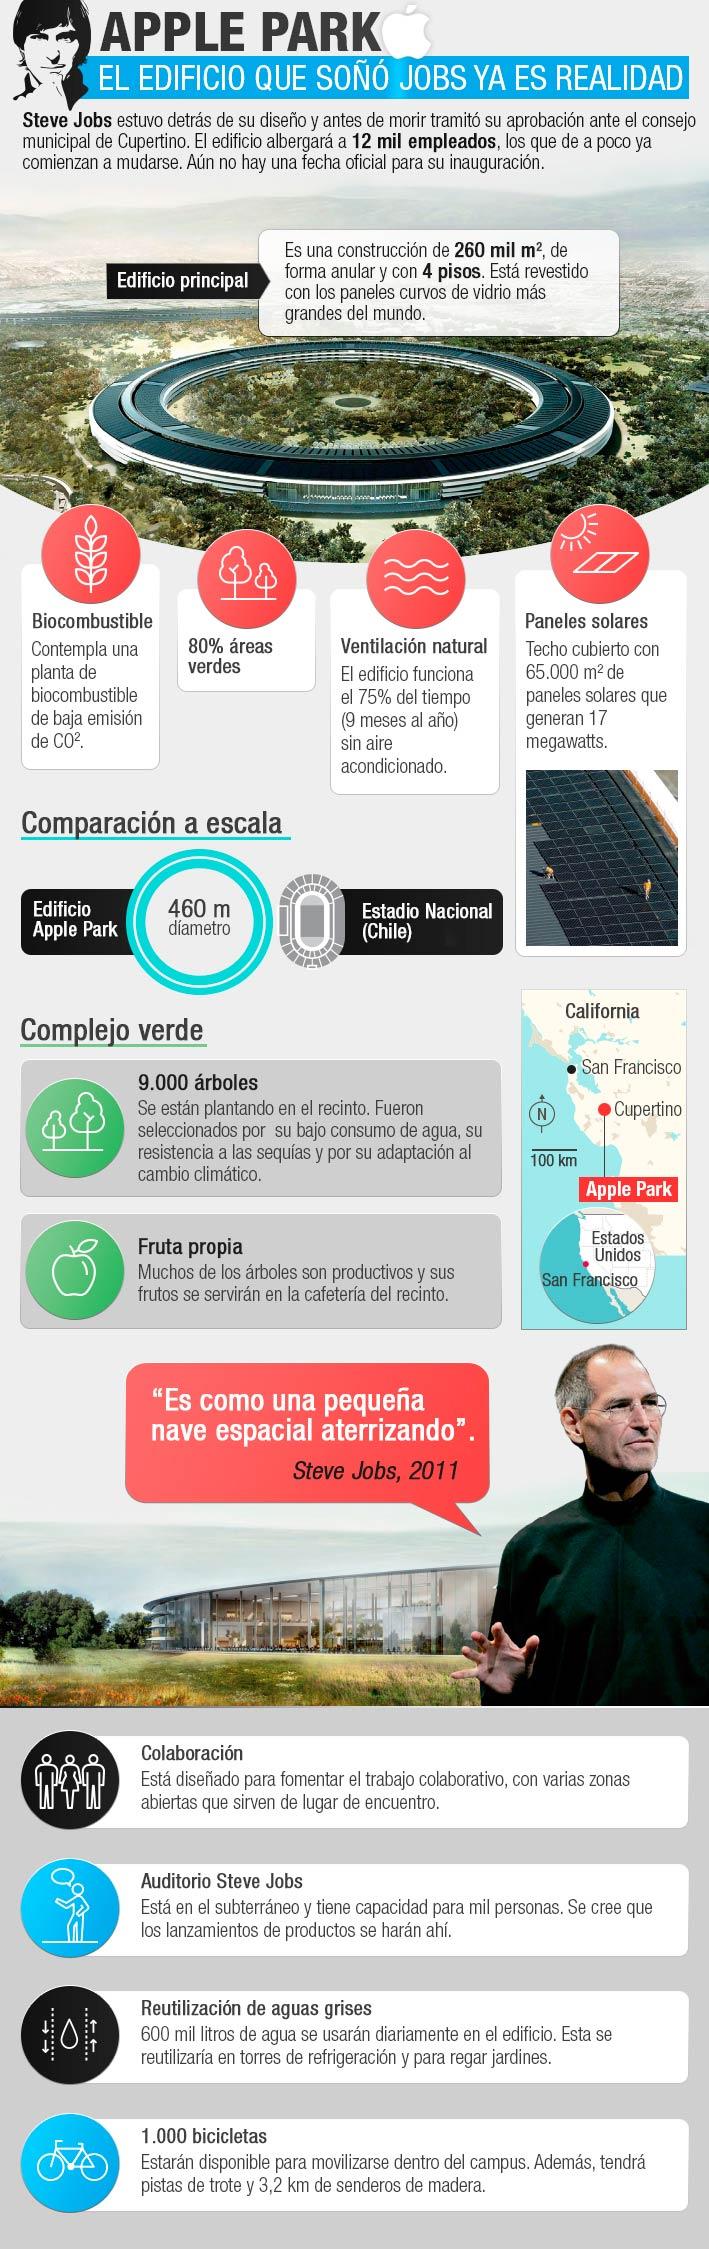 Infografía de Apple Park, la nueva sede de Apple,, ideado por Steve Jobs antes de morir.